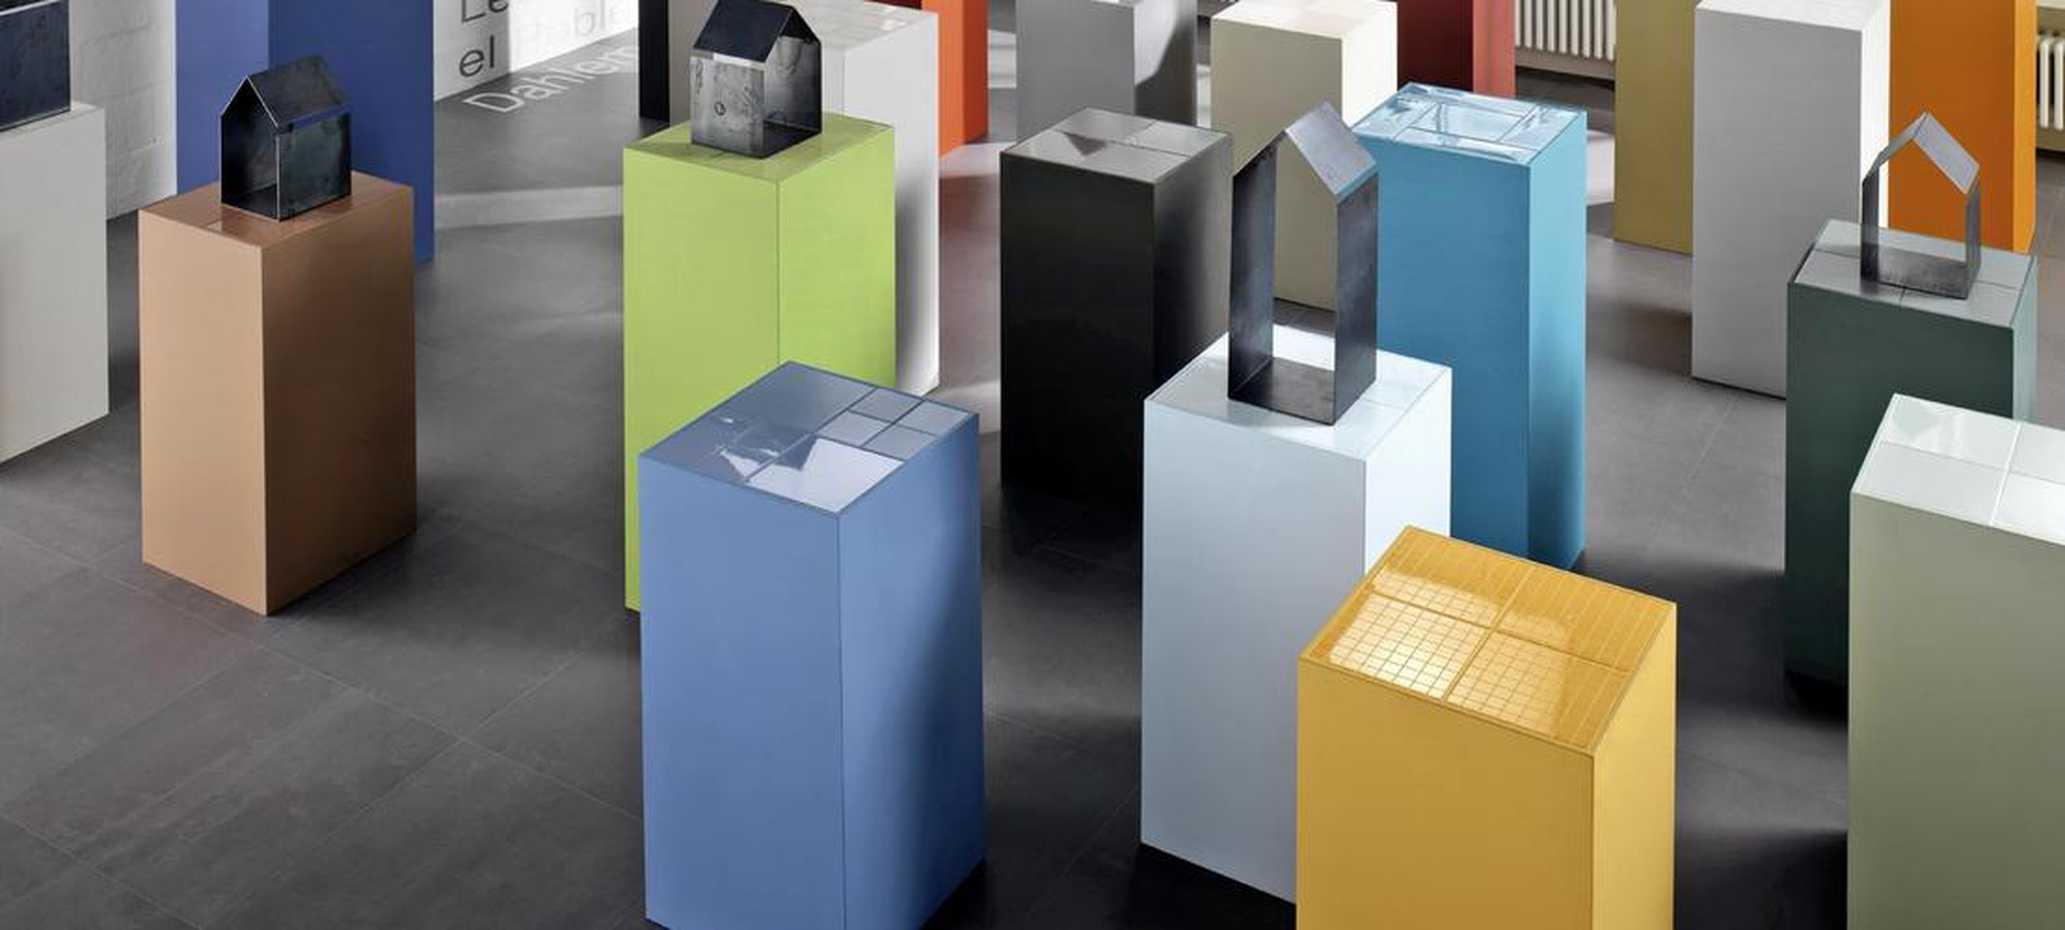 Sistem C - Architettura by Marazzi product image 2